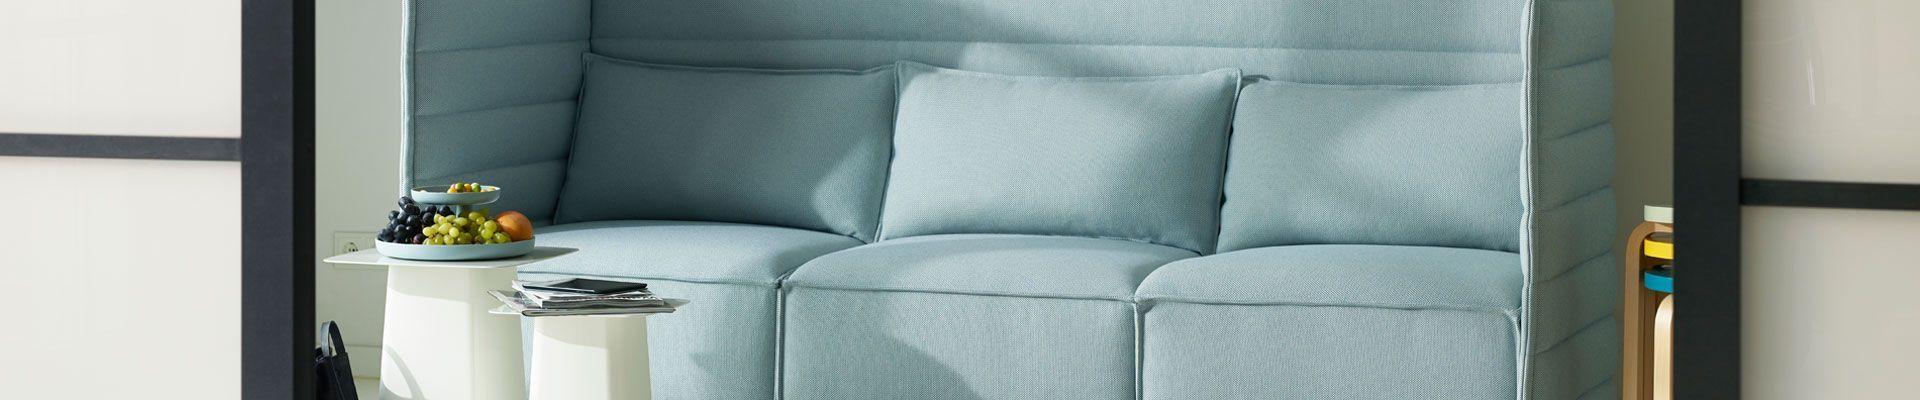 Vitra sofa's